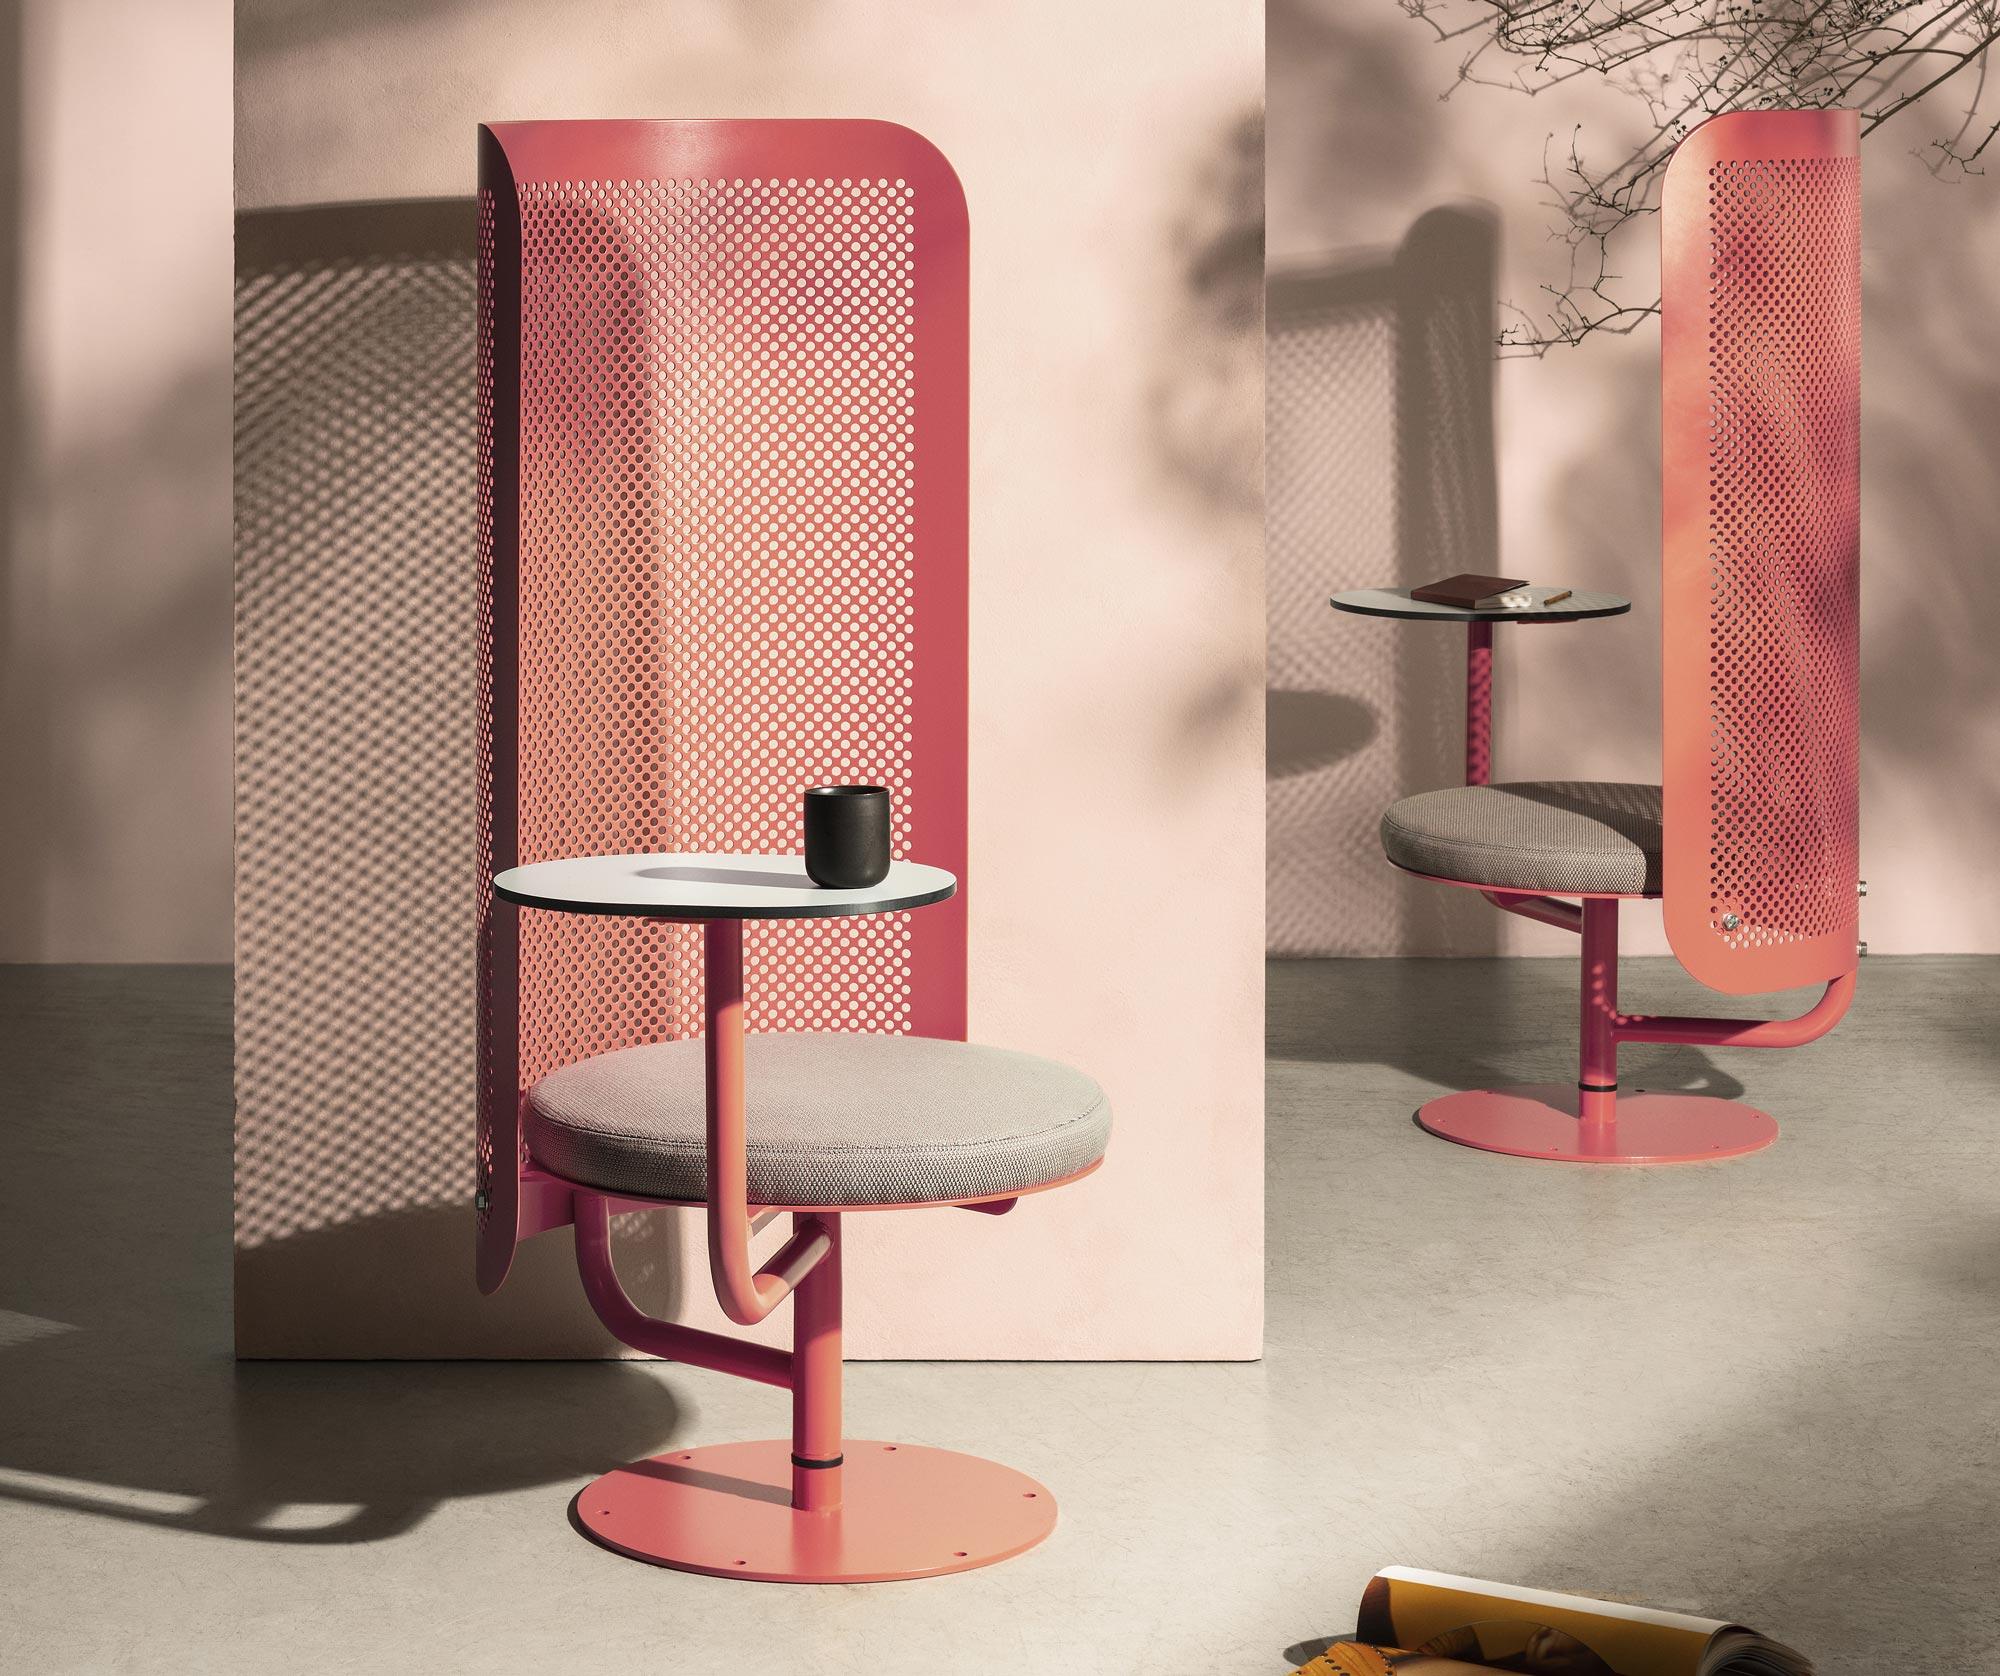 Outdoor-Sitzmöbel von Superlab und Charlotte Petersson Troije für Nola